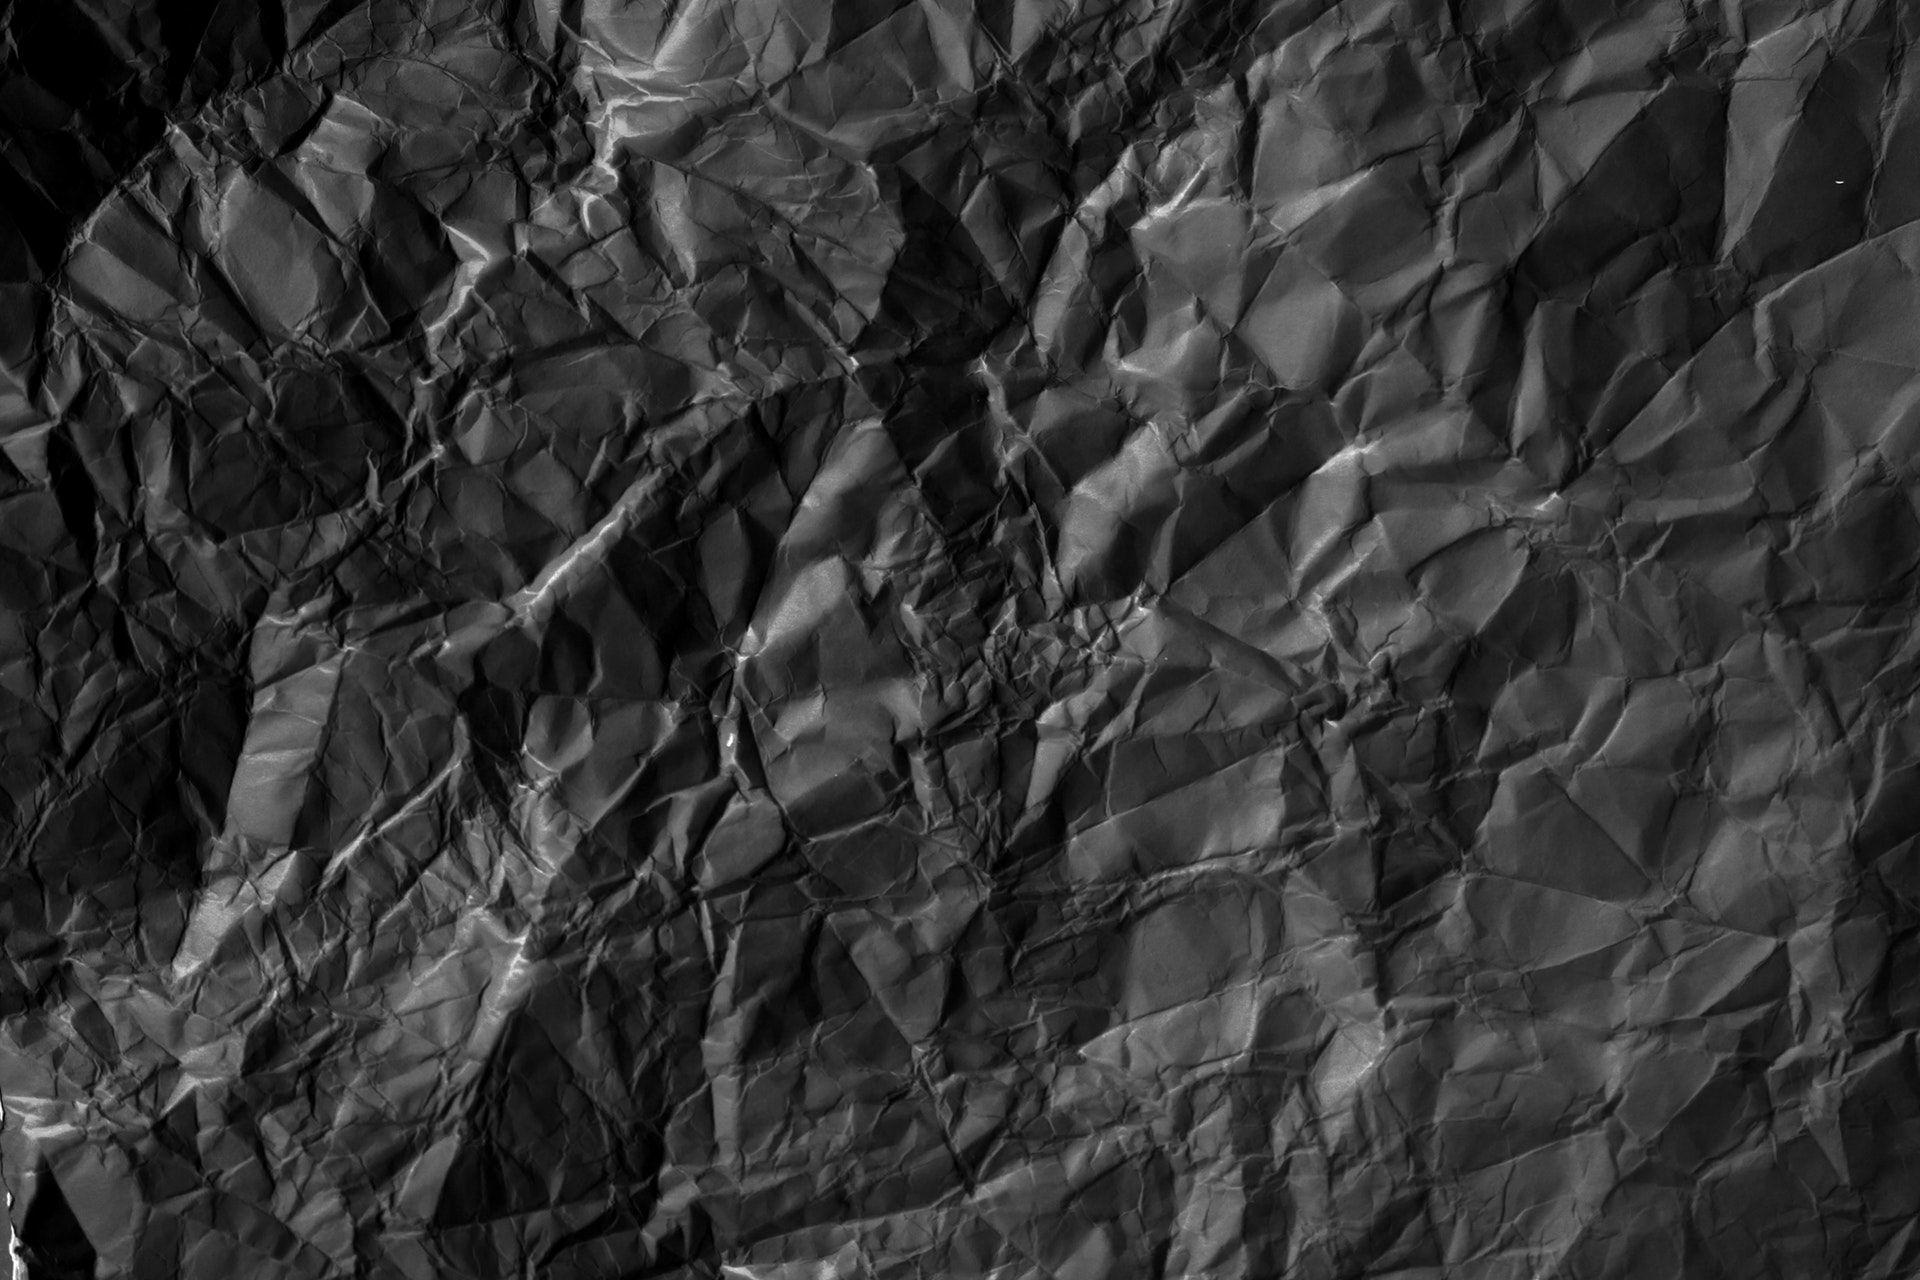 zmačkaný papír